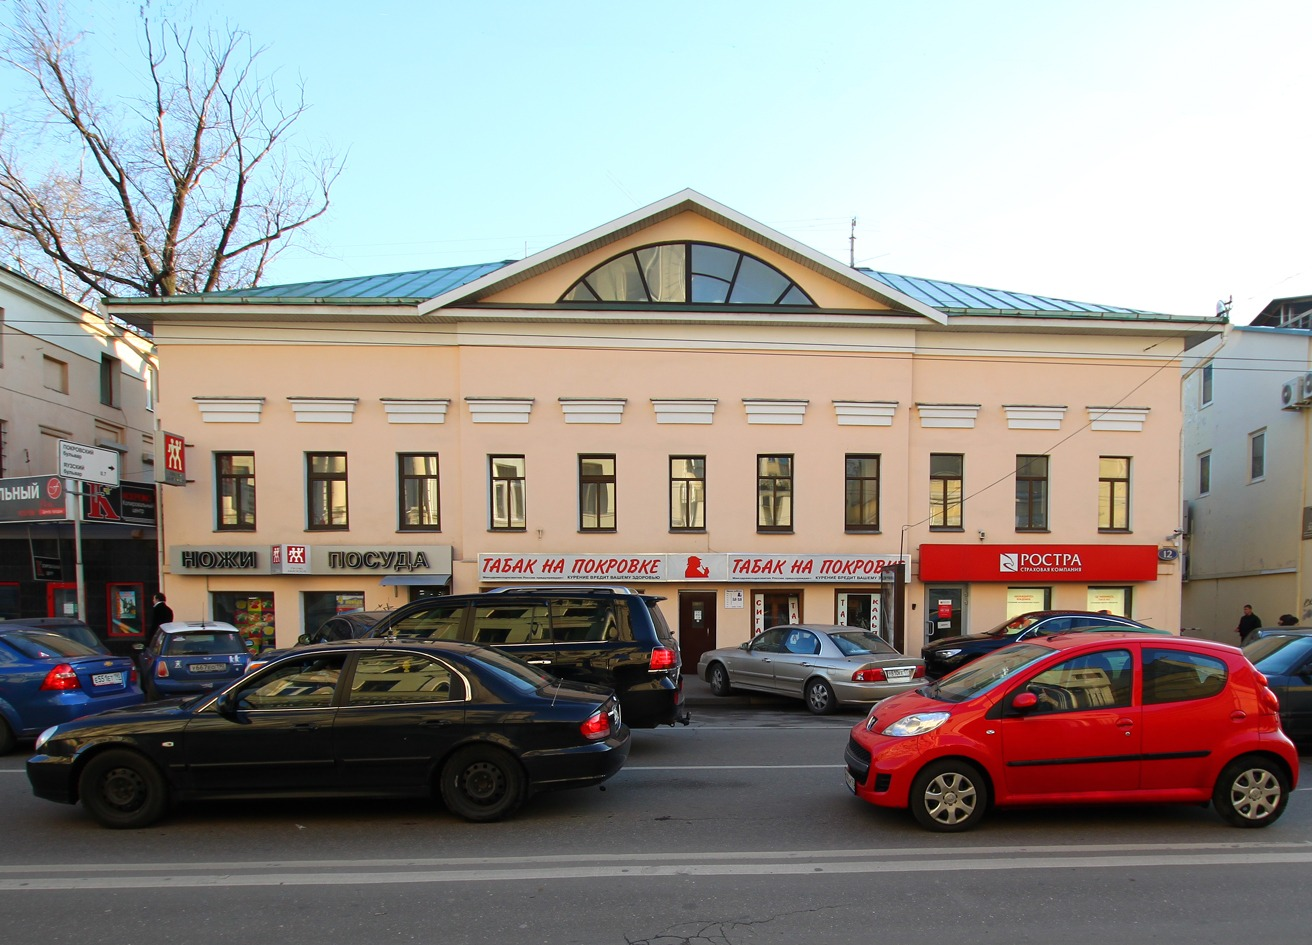 Здание, пережившее пожар 1812 года, обрушилось в Москве